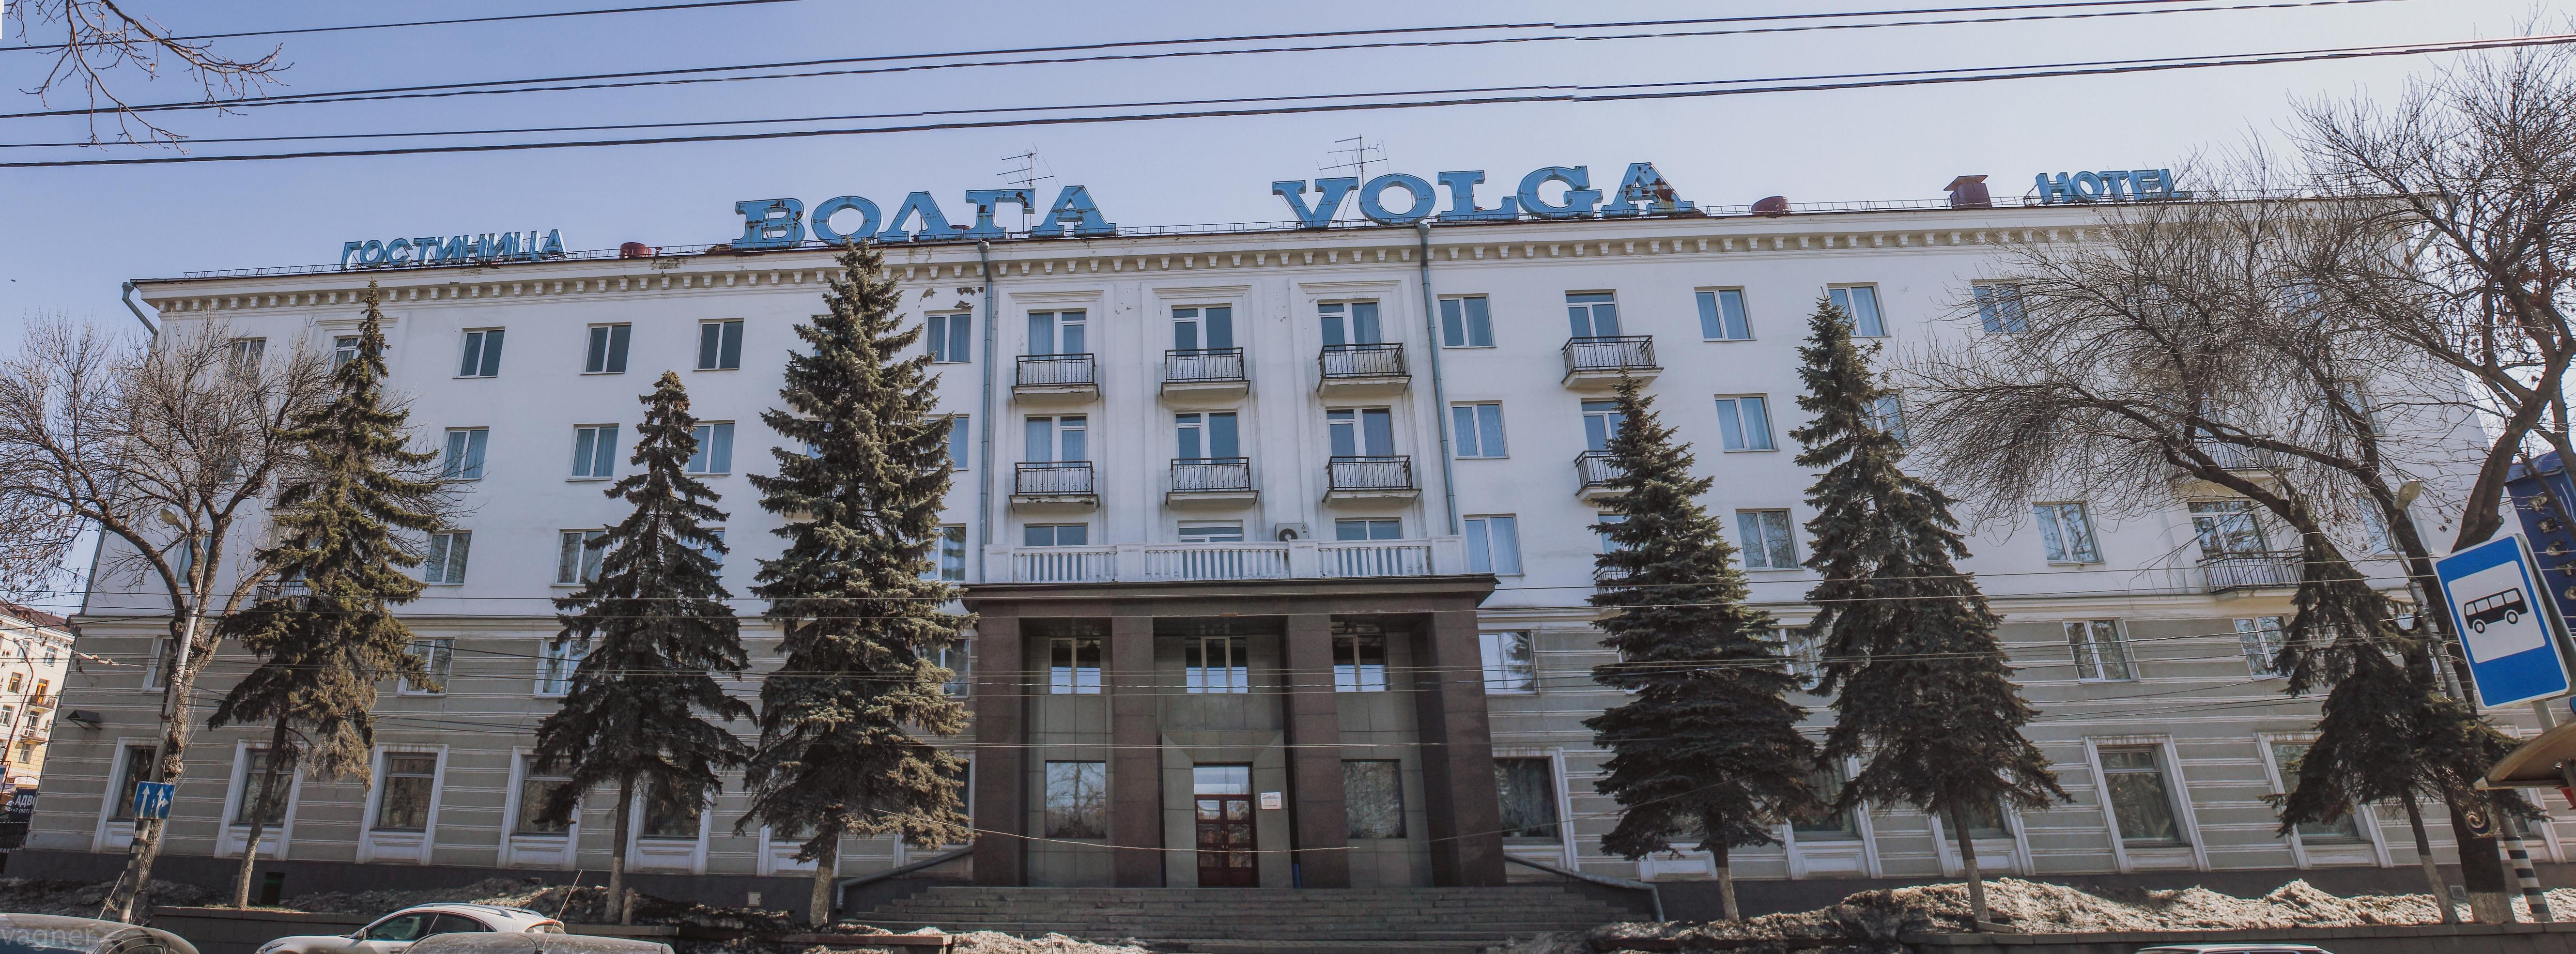 Волга гостиница